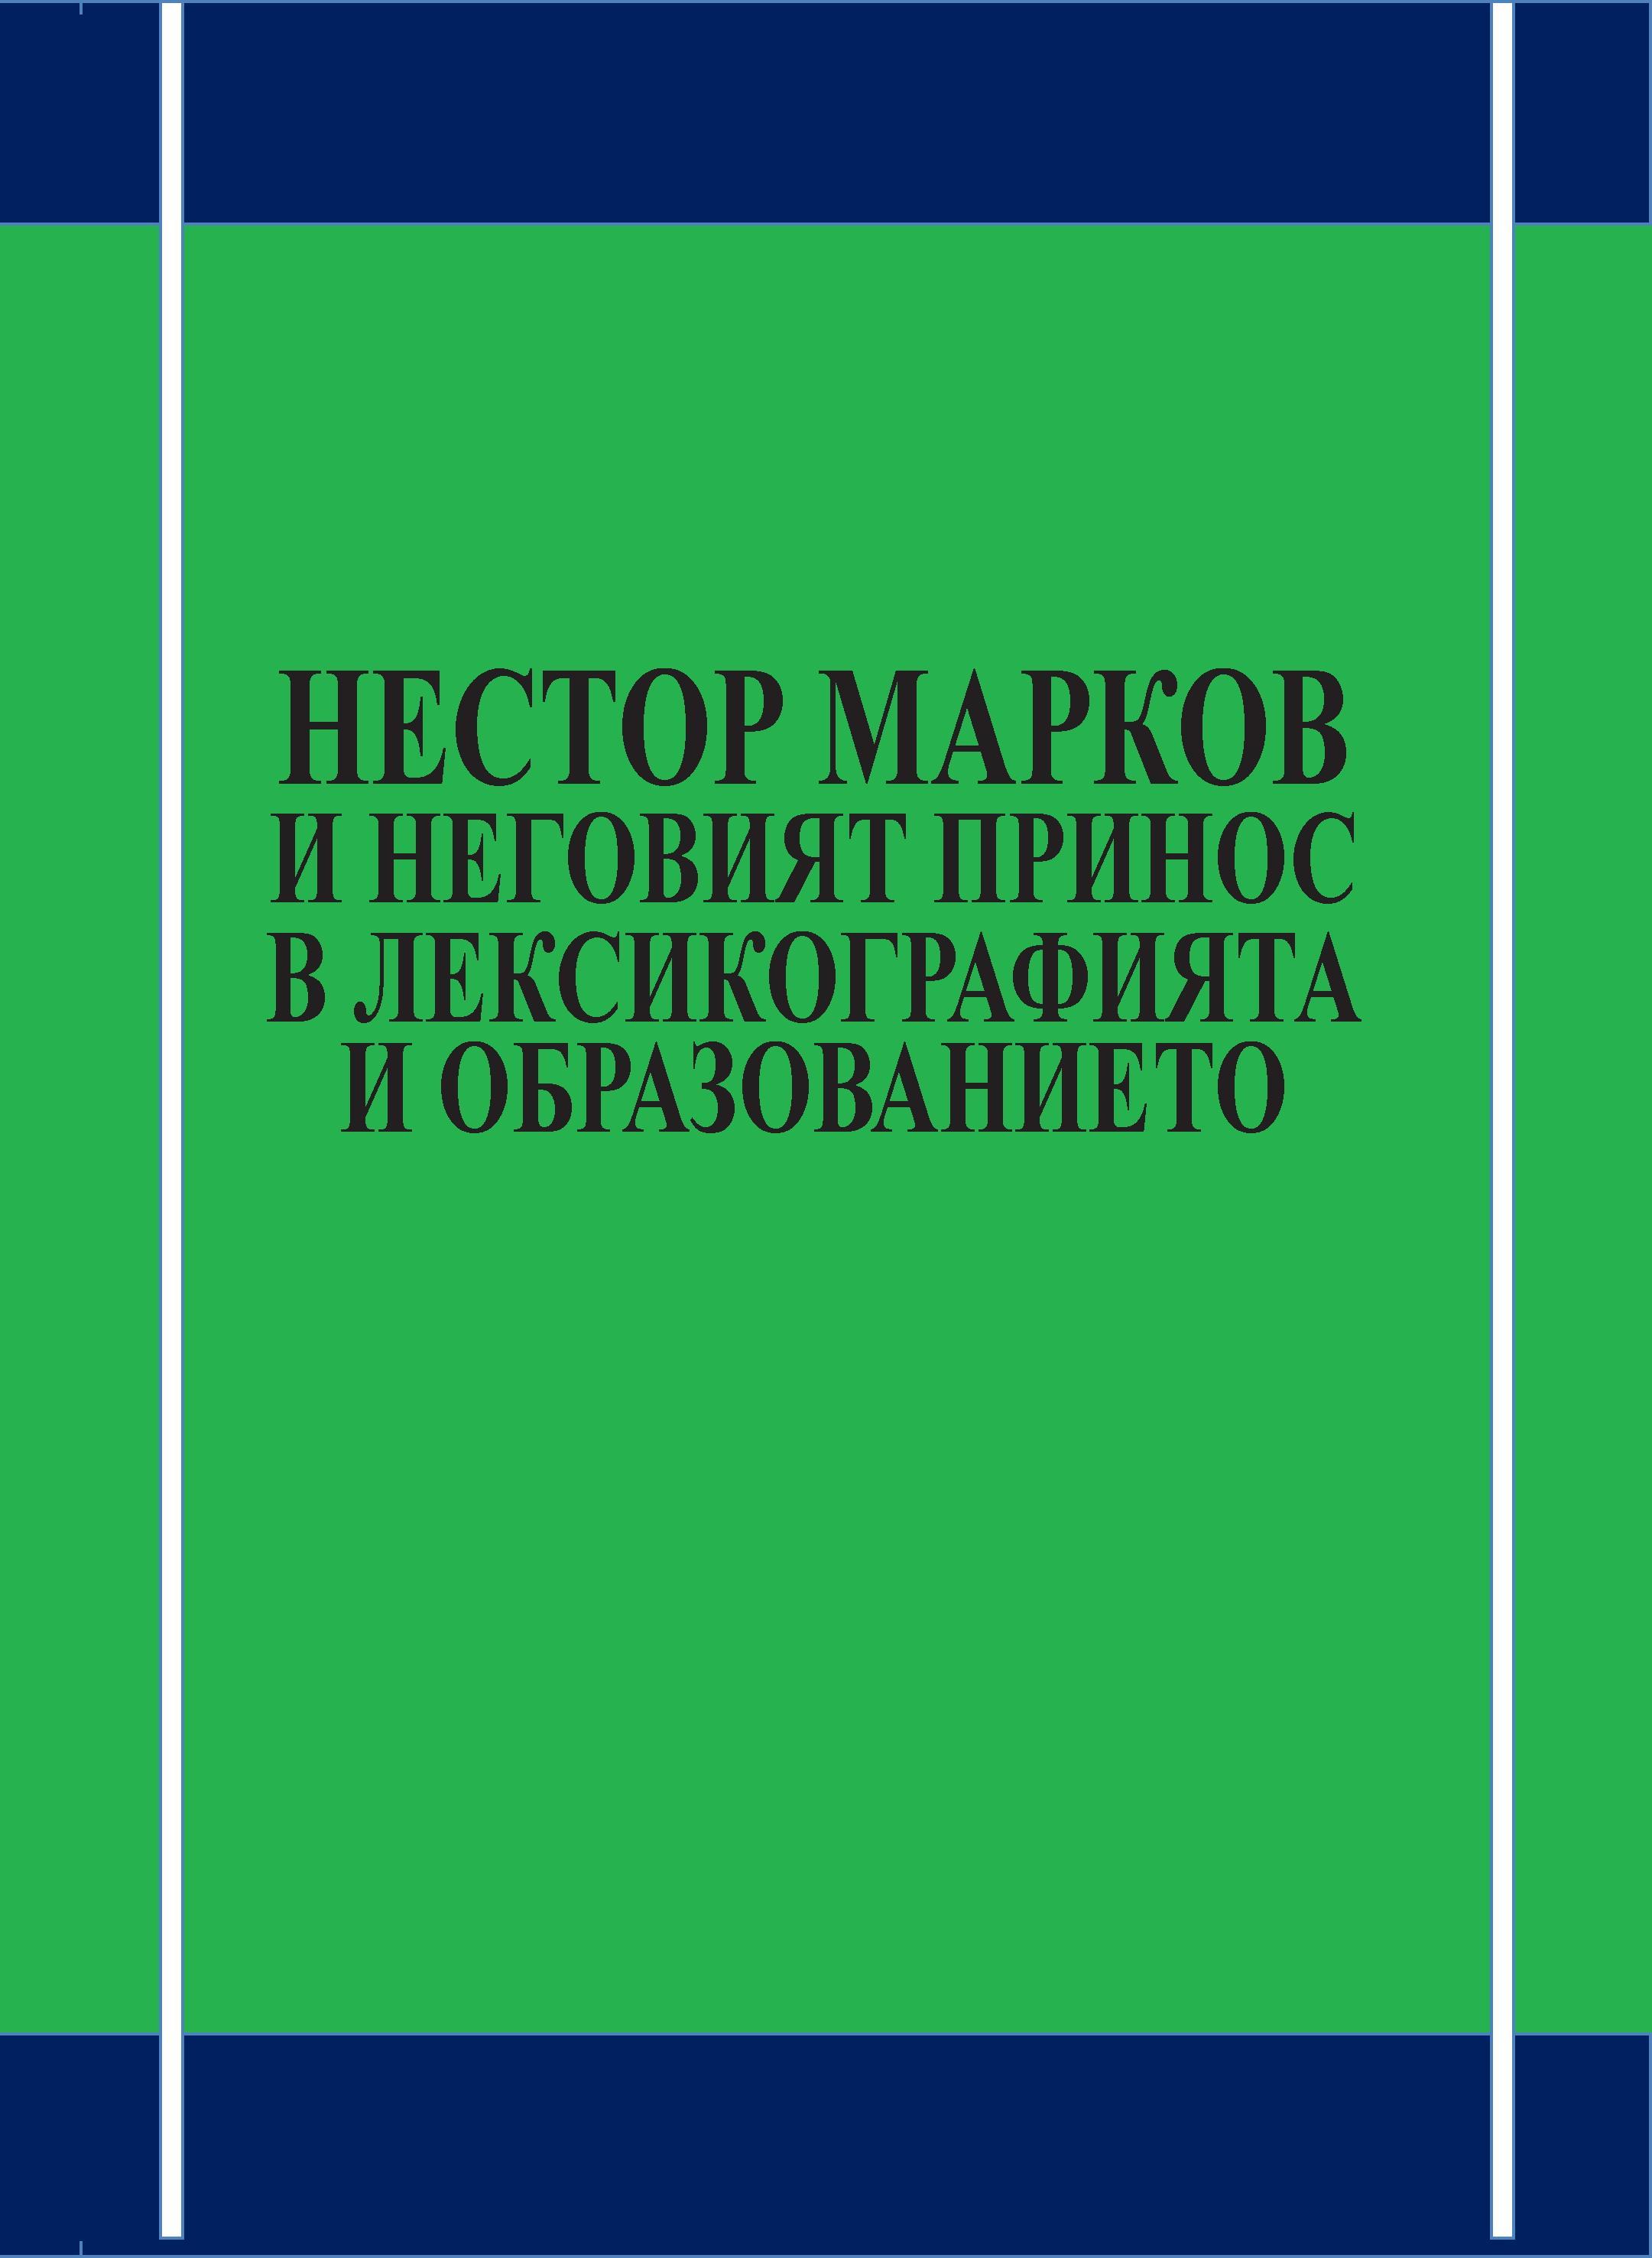 cover-markov